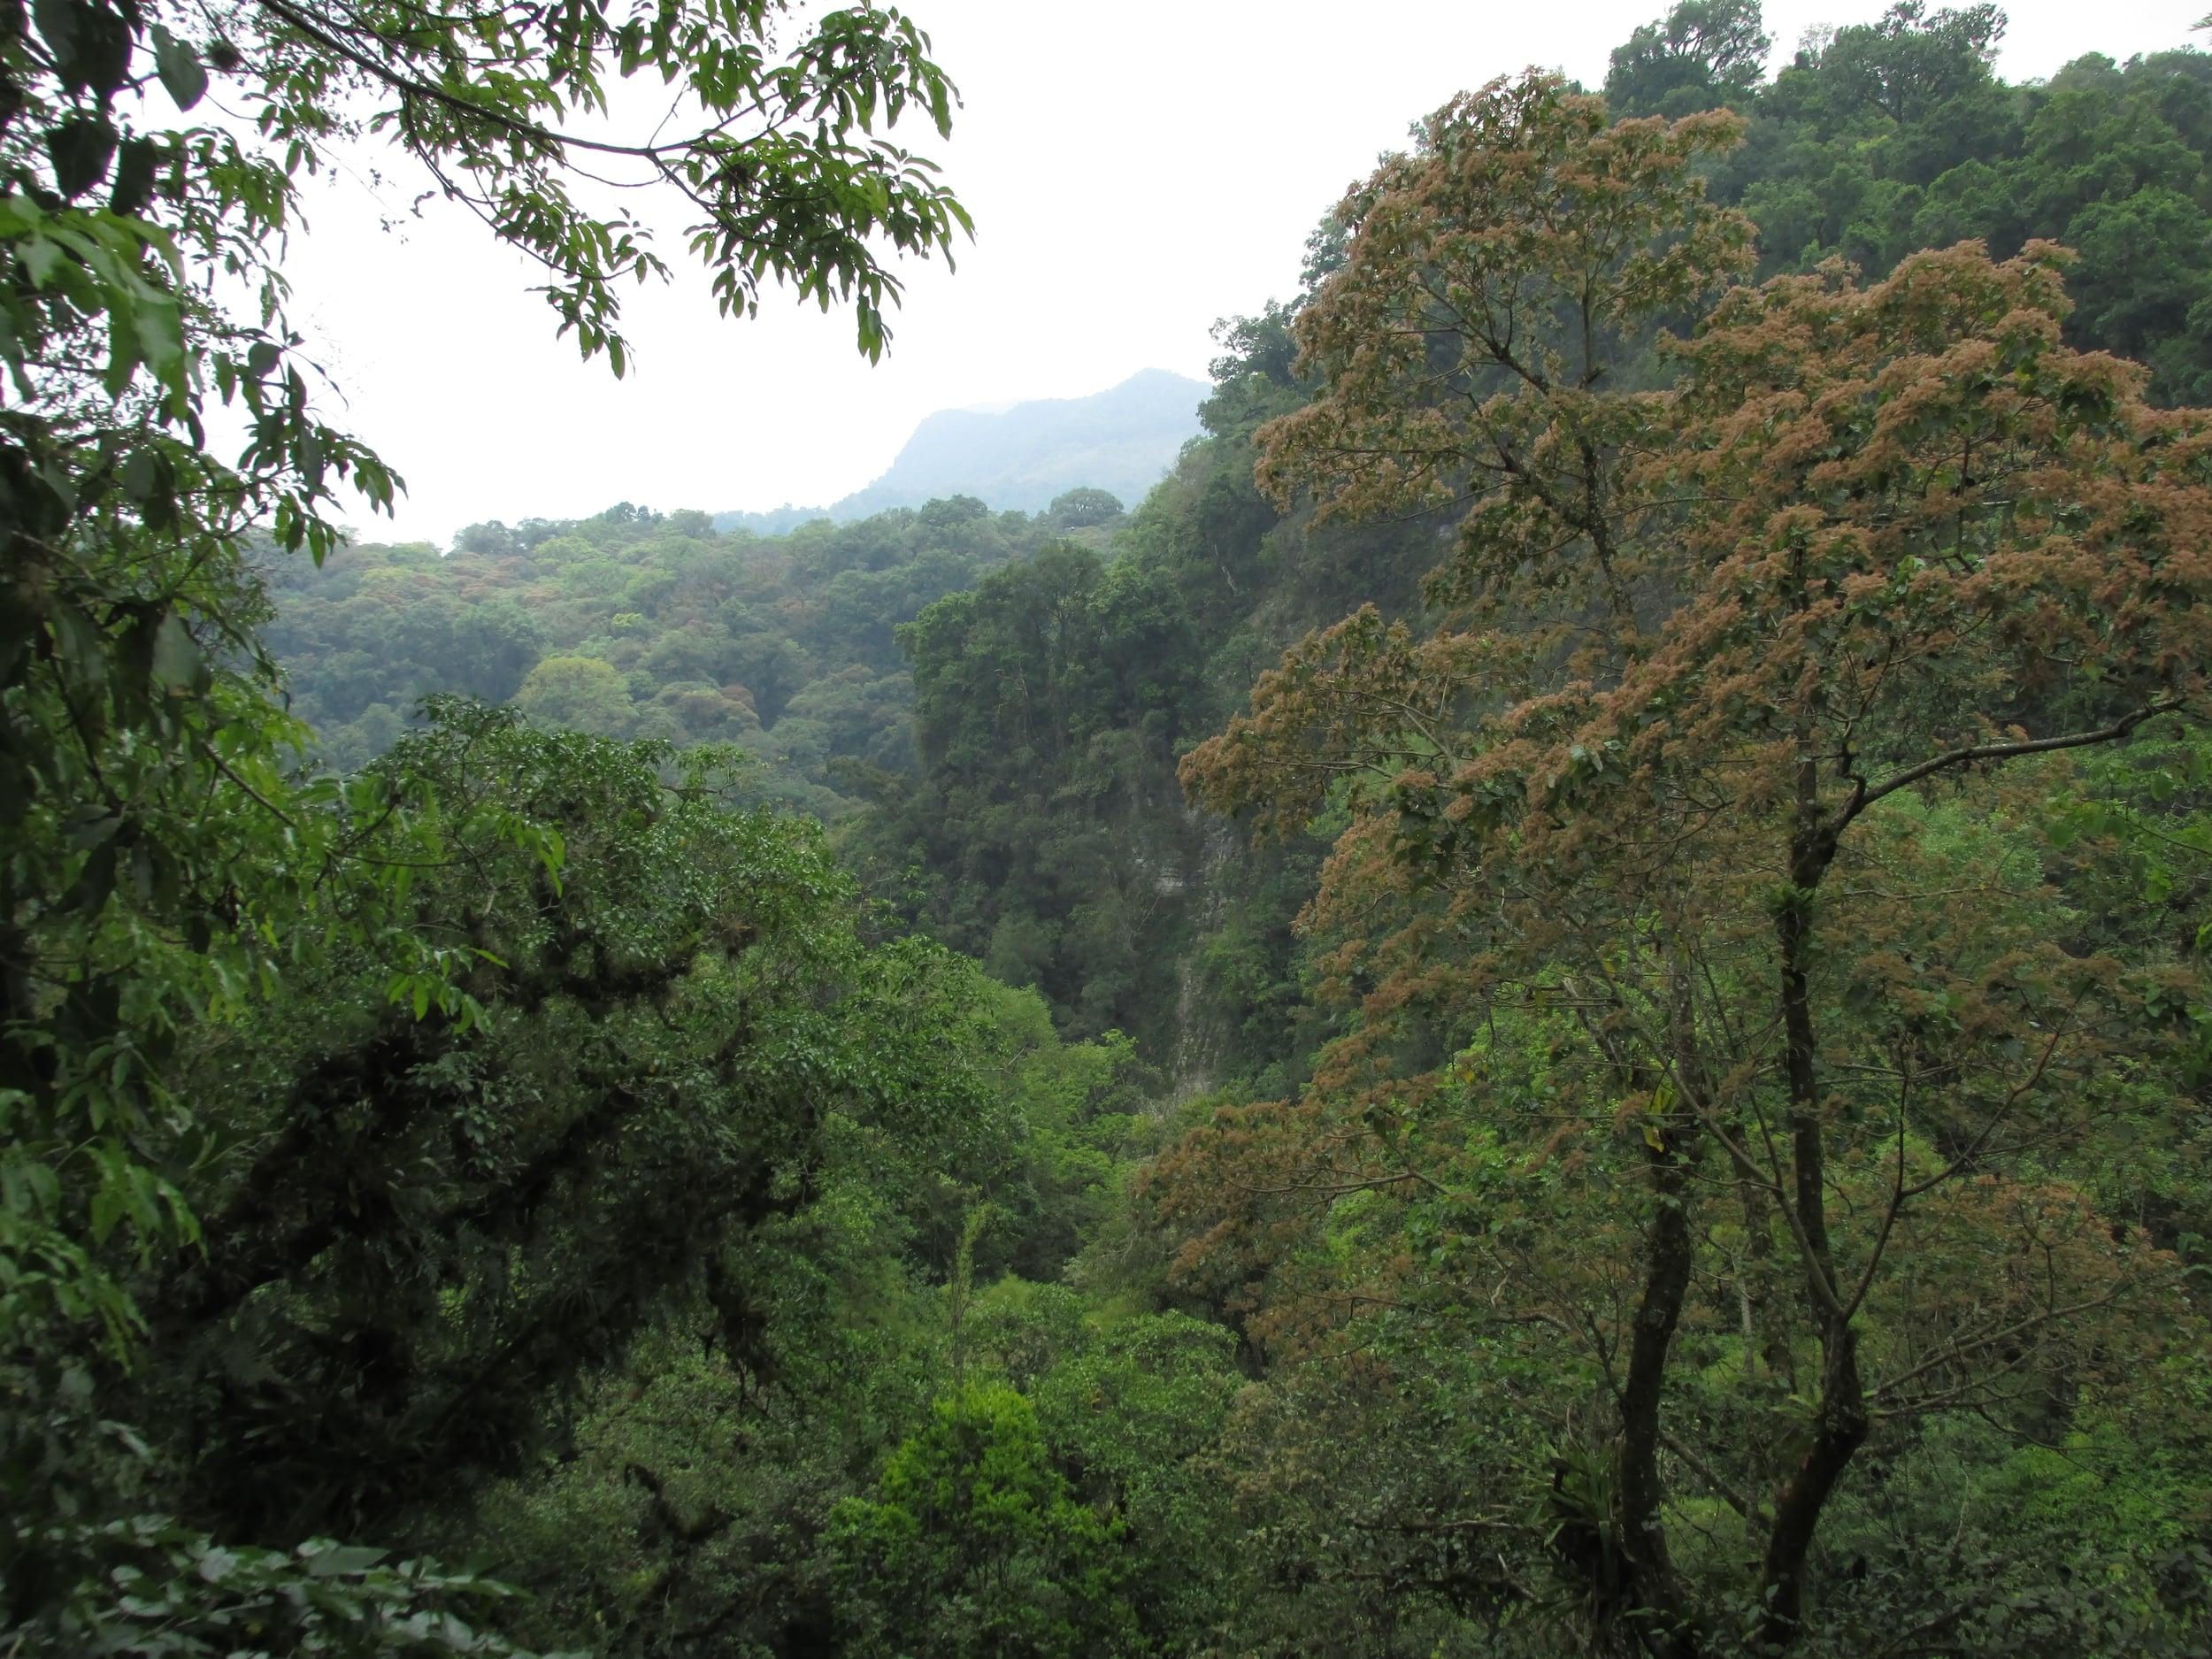 The rainforested hills around Xilitla were Edwards' eden.